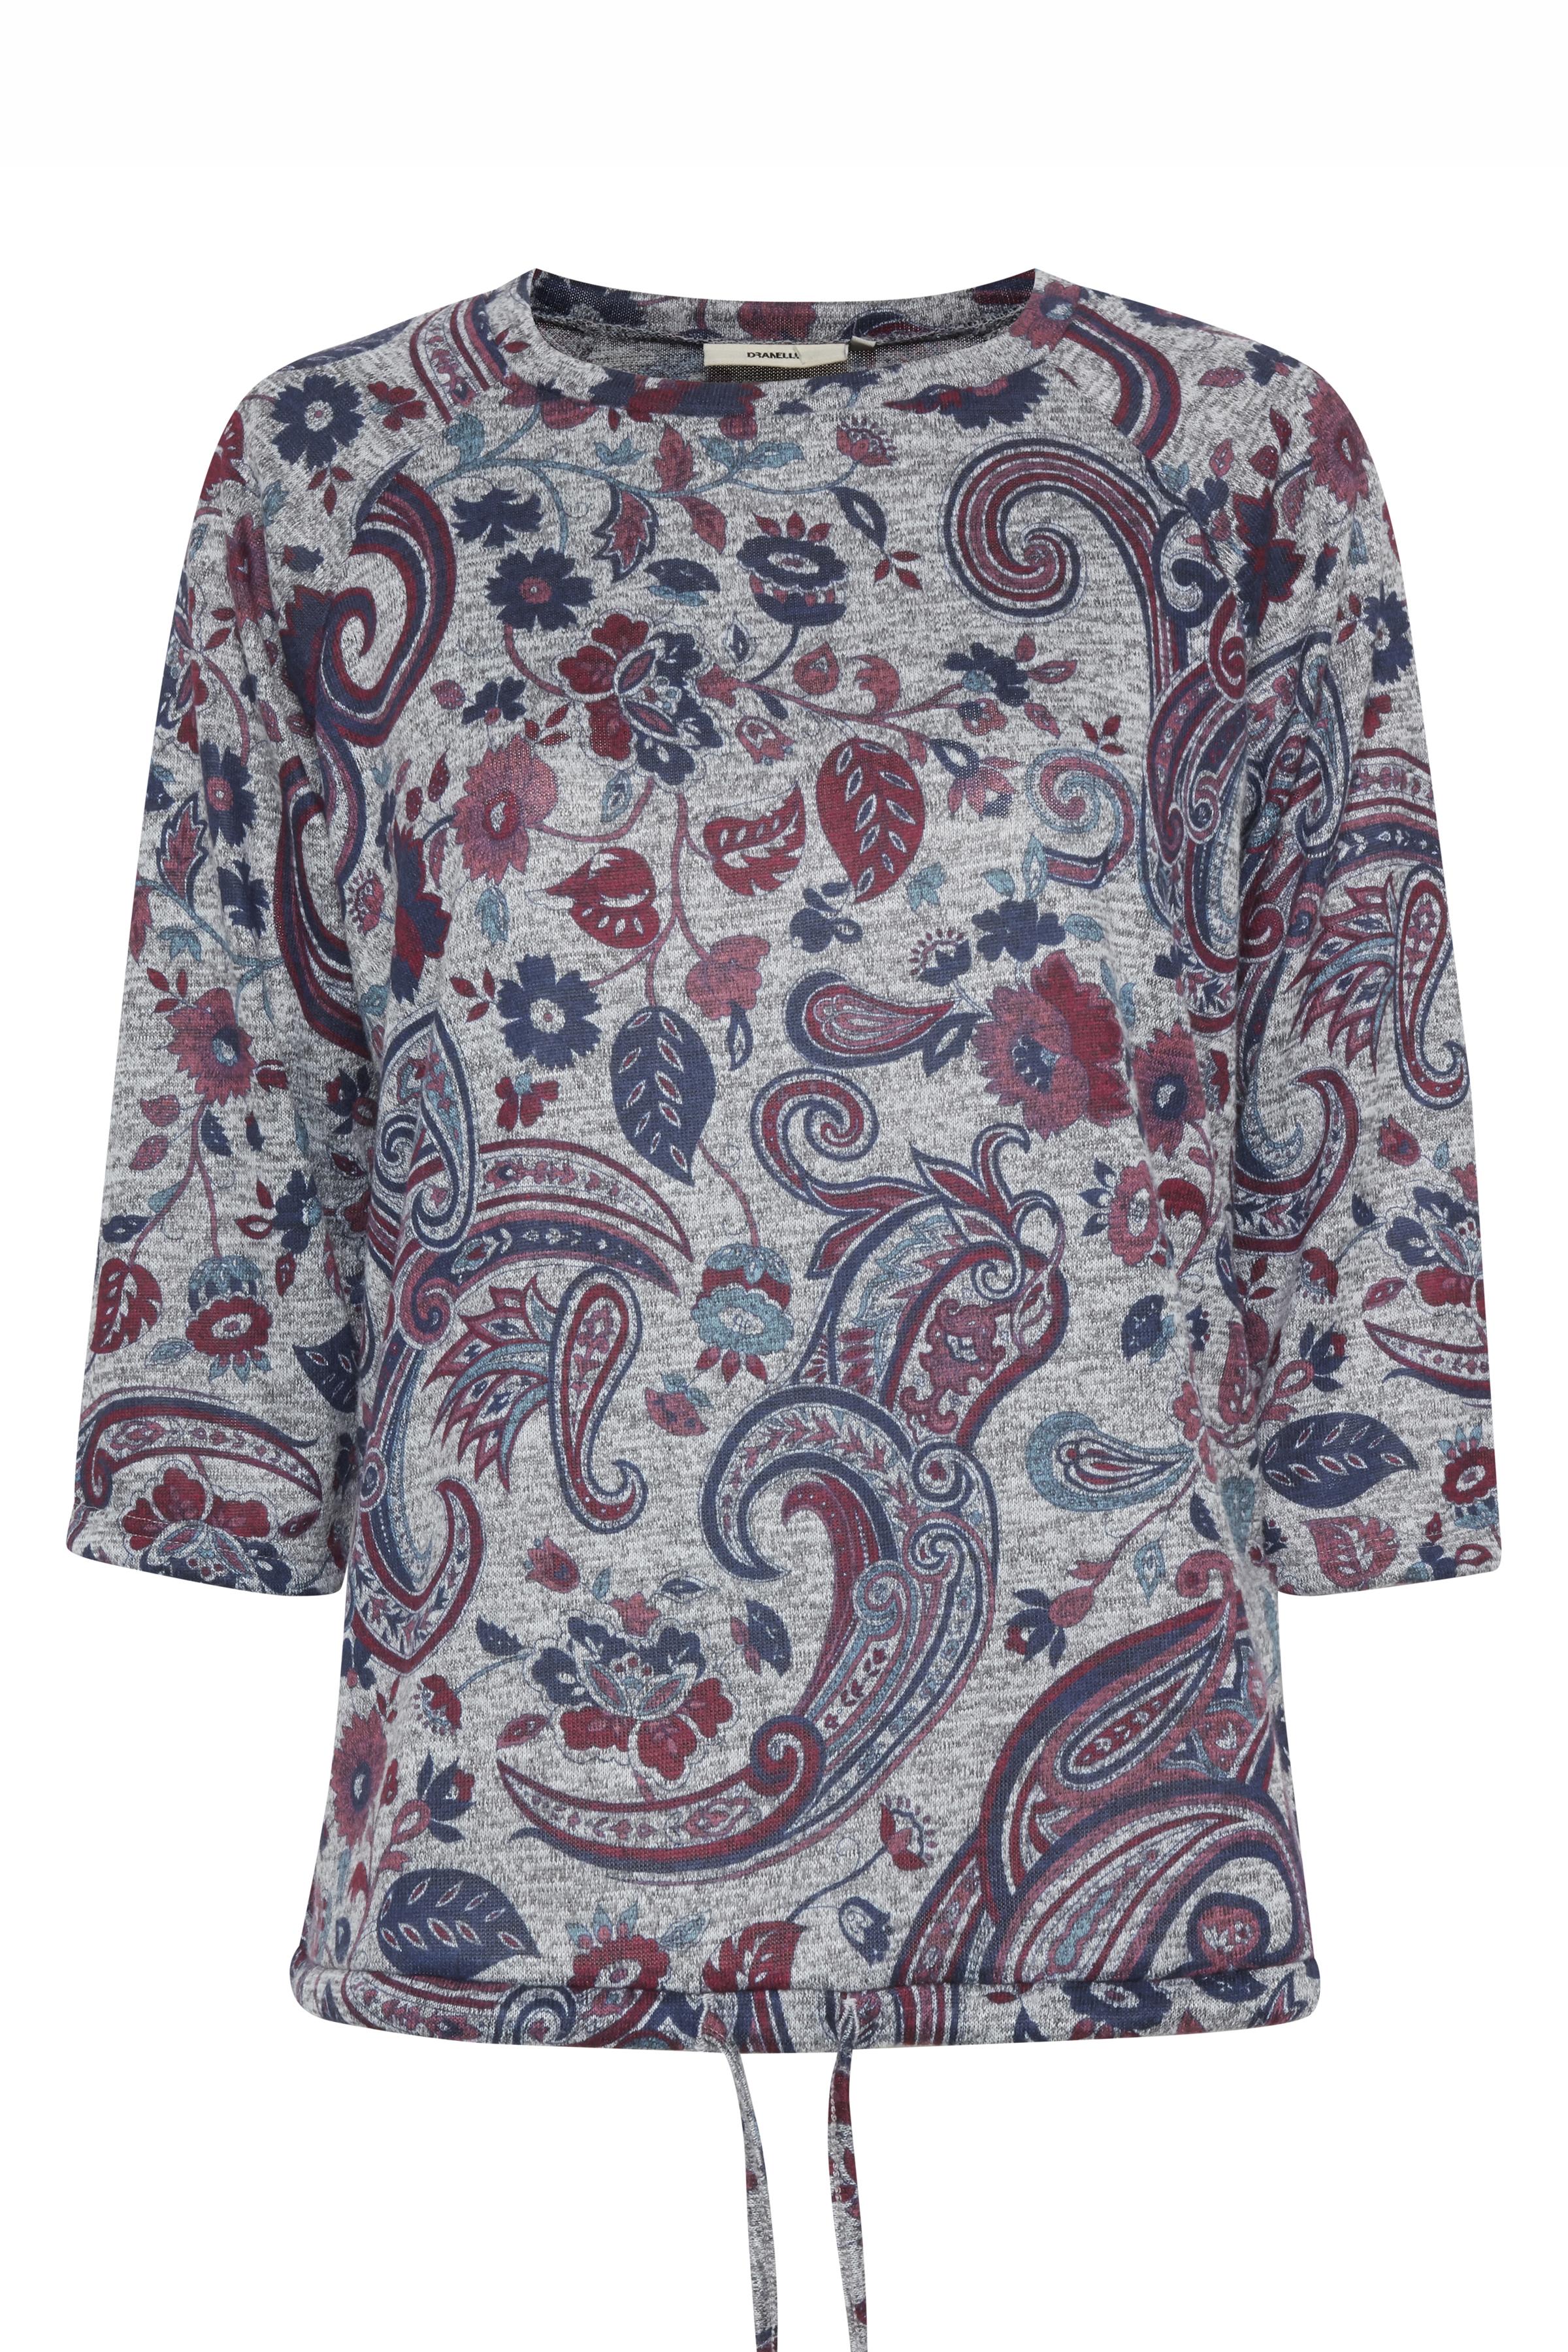 Grau meliert/rot Pullover von Dranella – Shoppen Sie Grau meliert/rot Pullover ab Gr. XS-XL hier